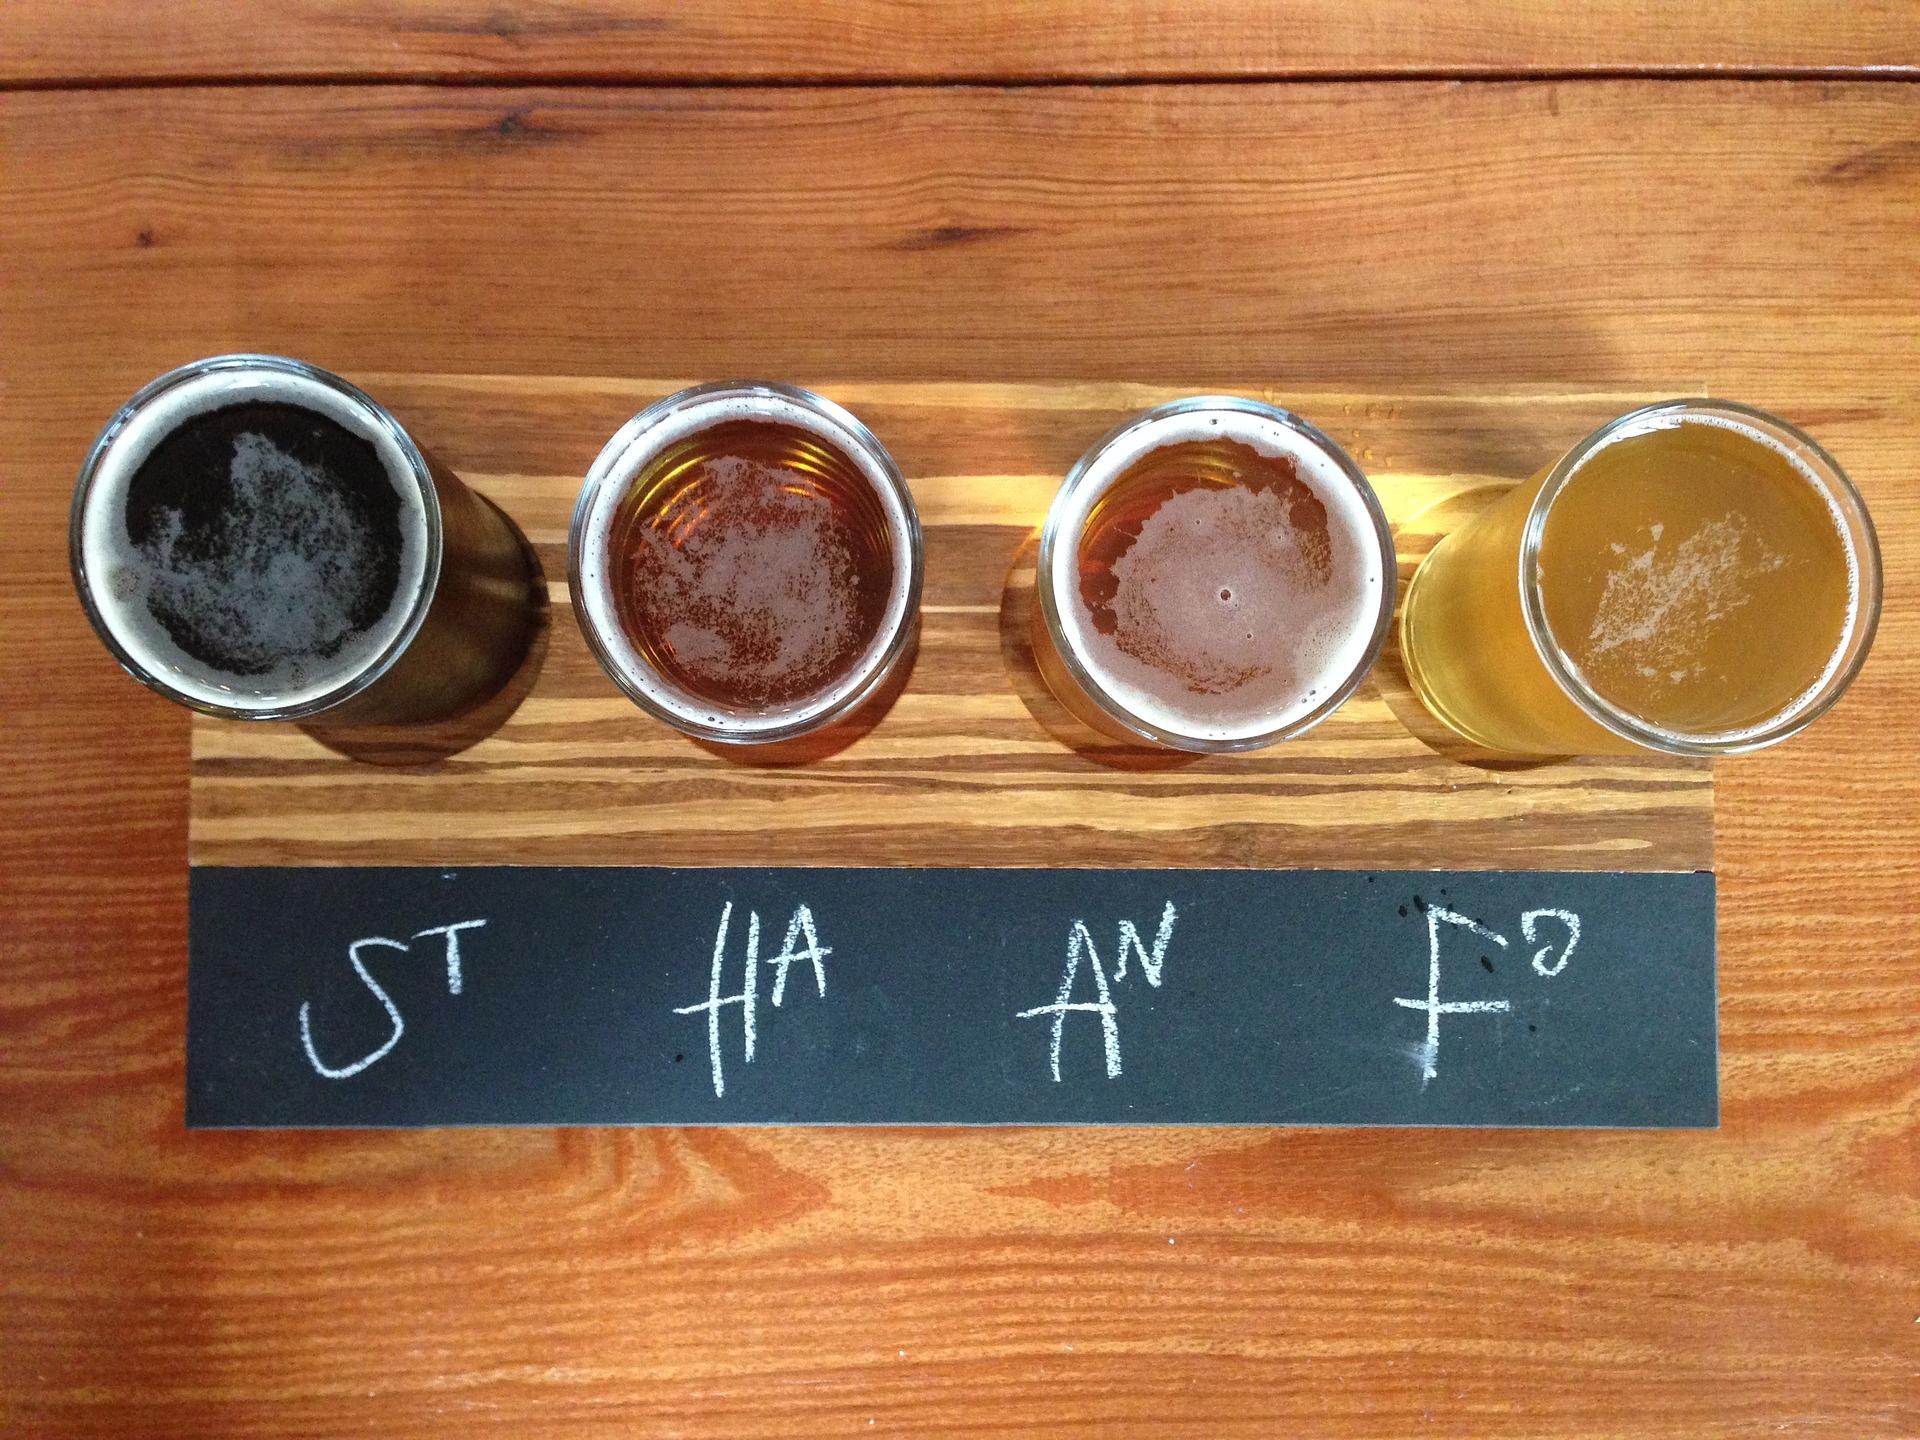 El tast de cervesa artesana s'ha convertit en una activitat molt popular